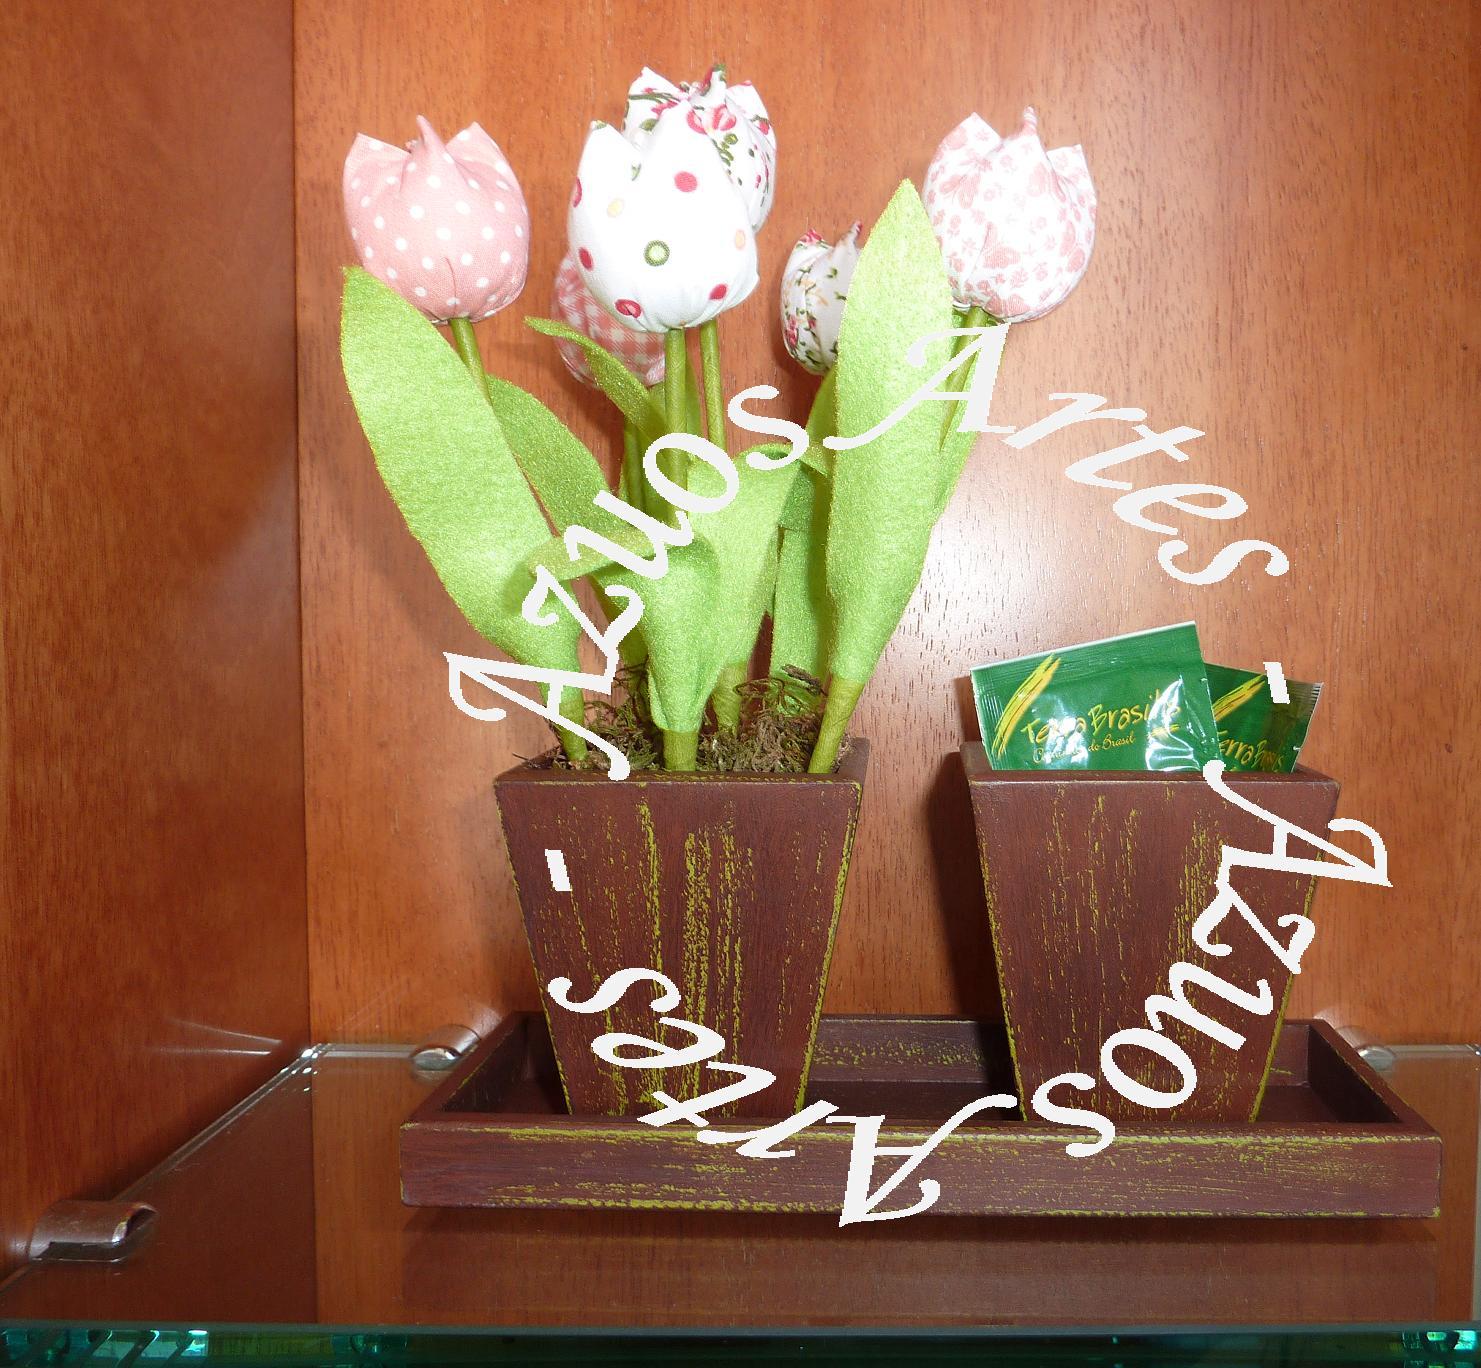 decoracao de banheiro rosa:Azuos Artes: Vaso de Tulipa na bandeja  #793E26 1481x1368 Balança De Banheiro Rosa